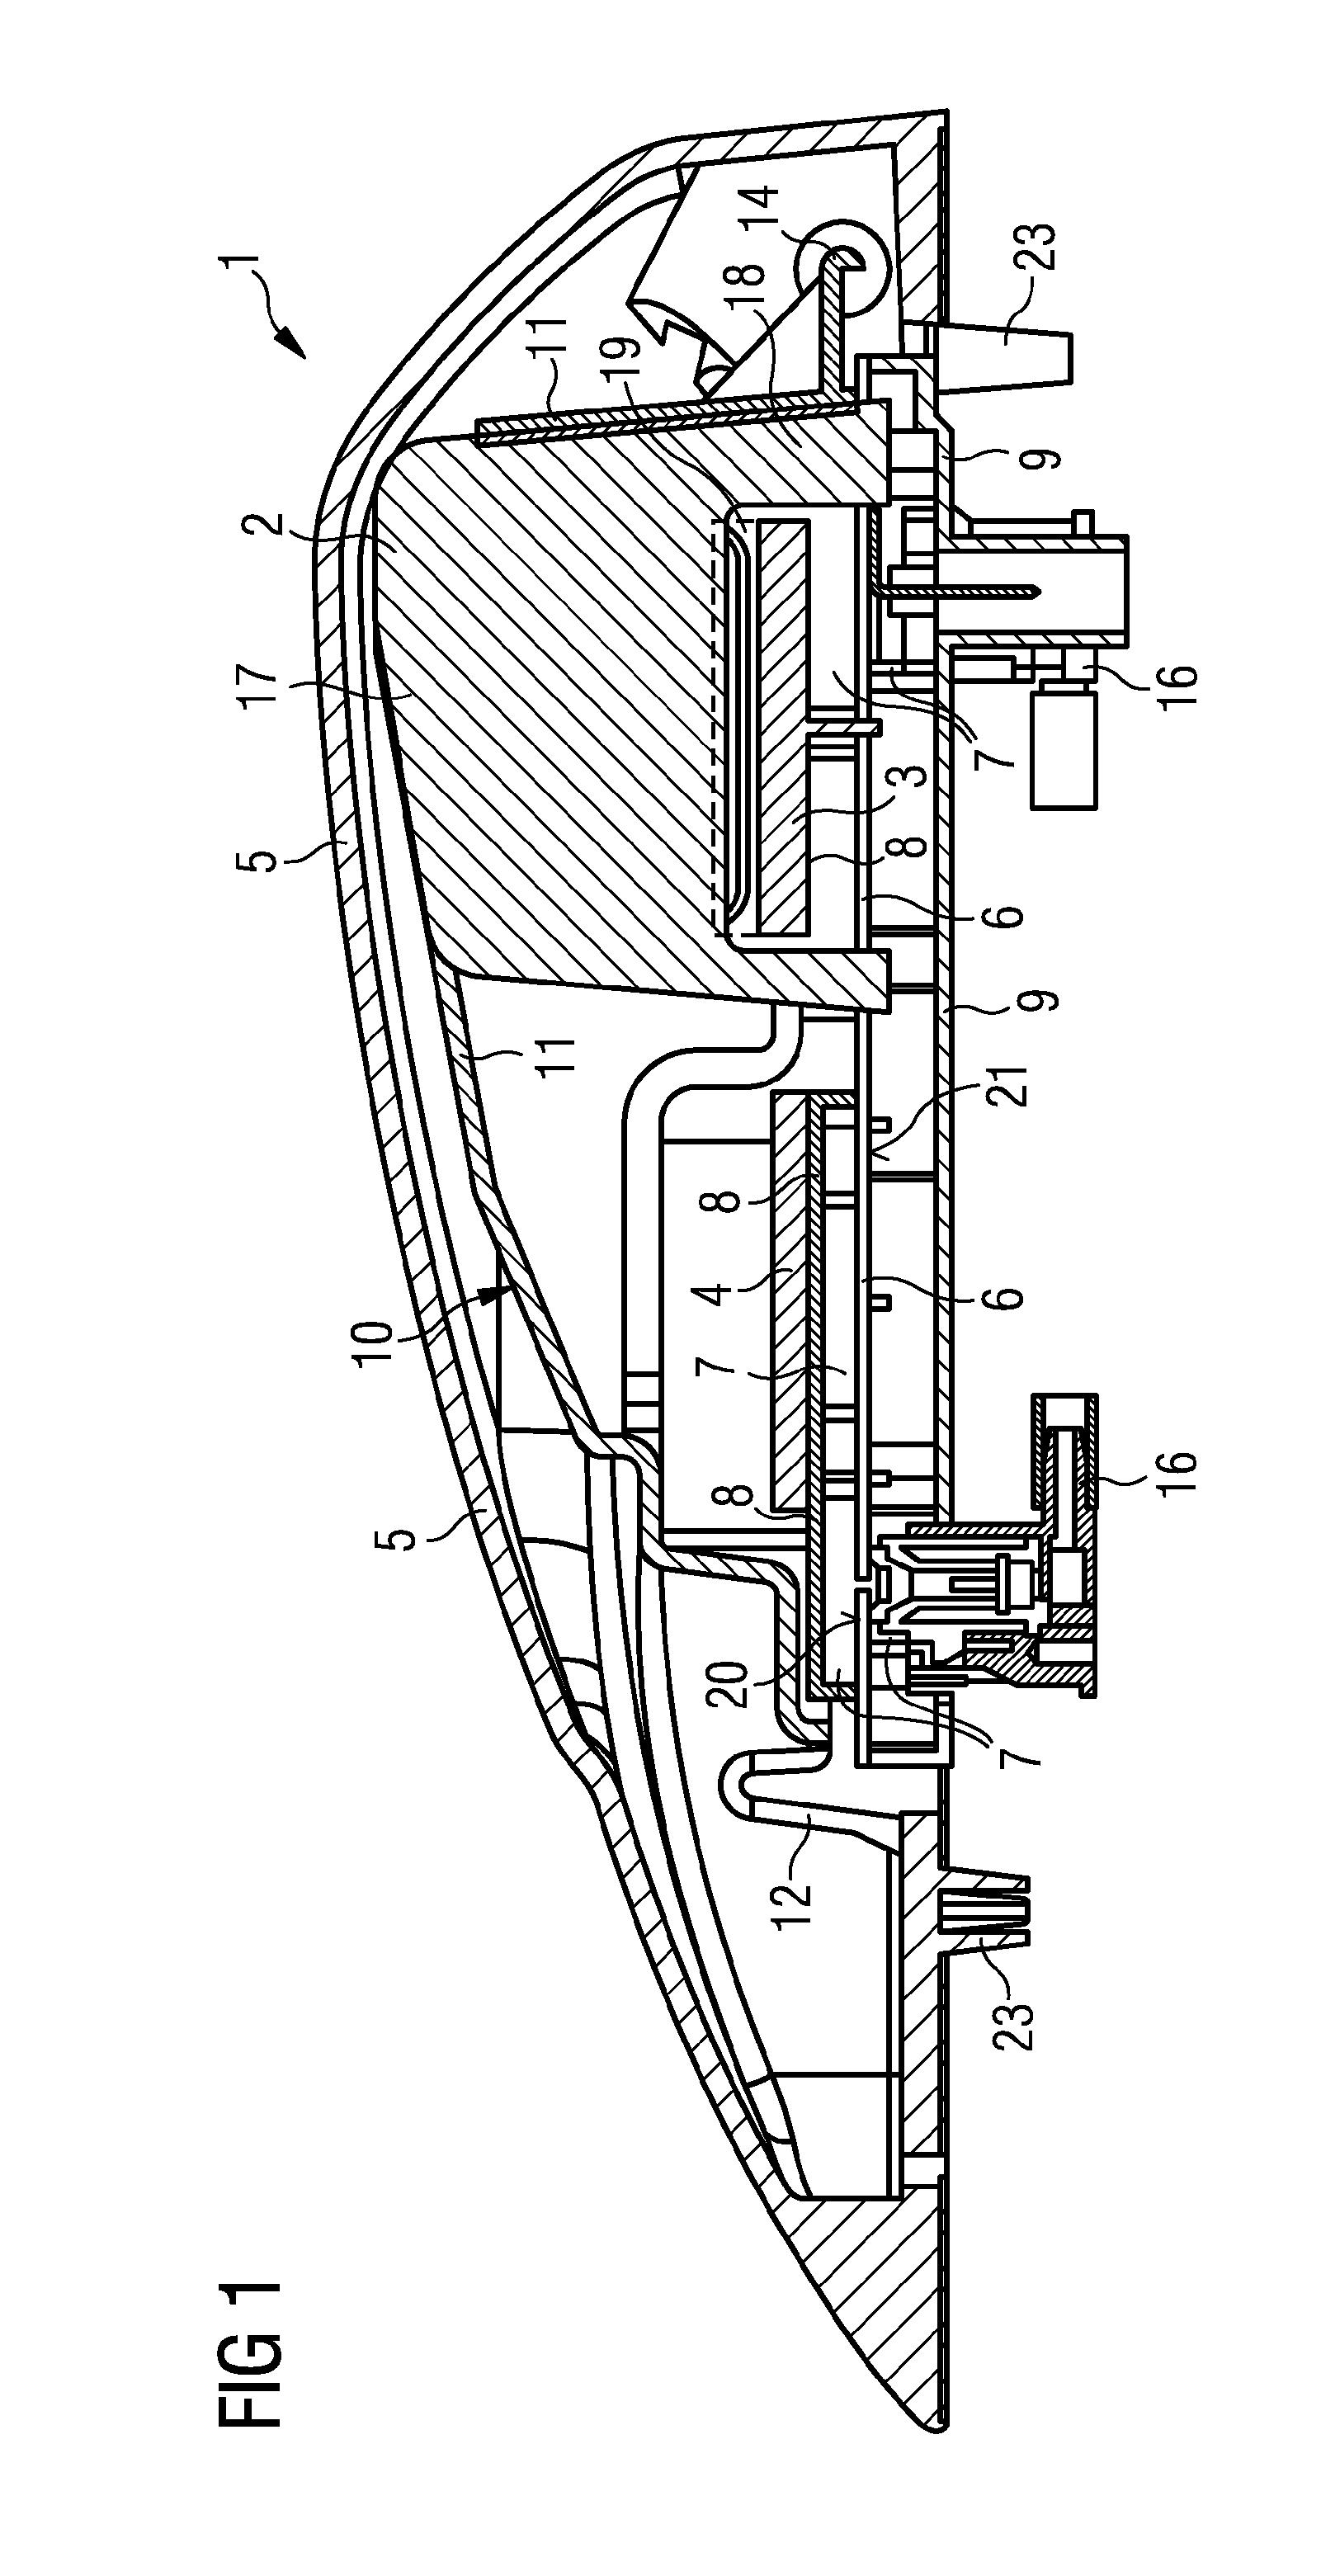 patent us20120274519